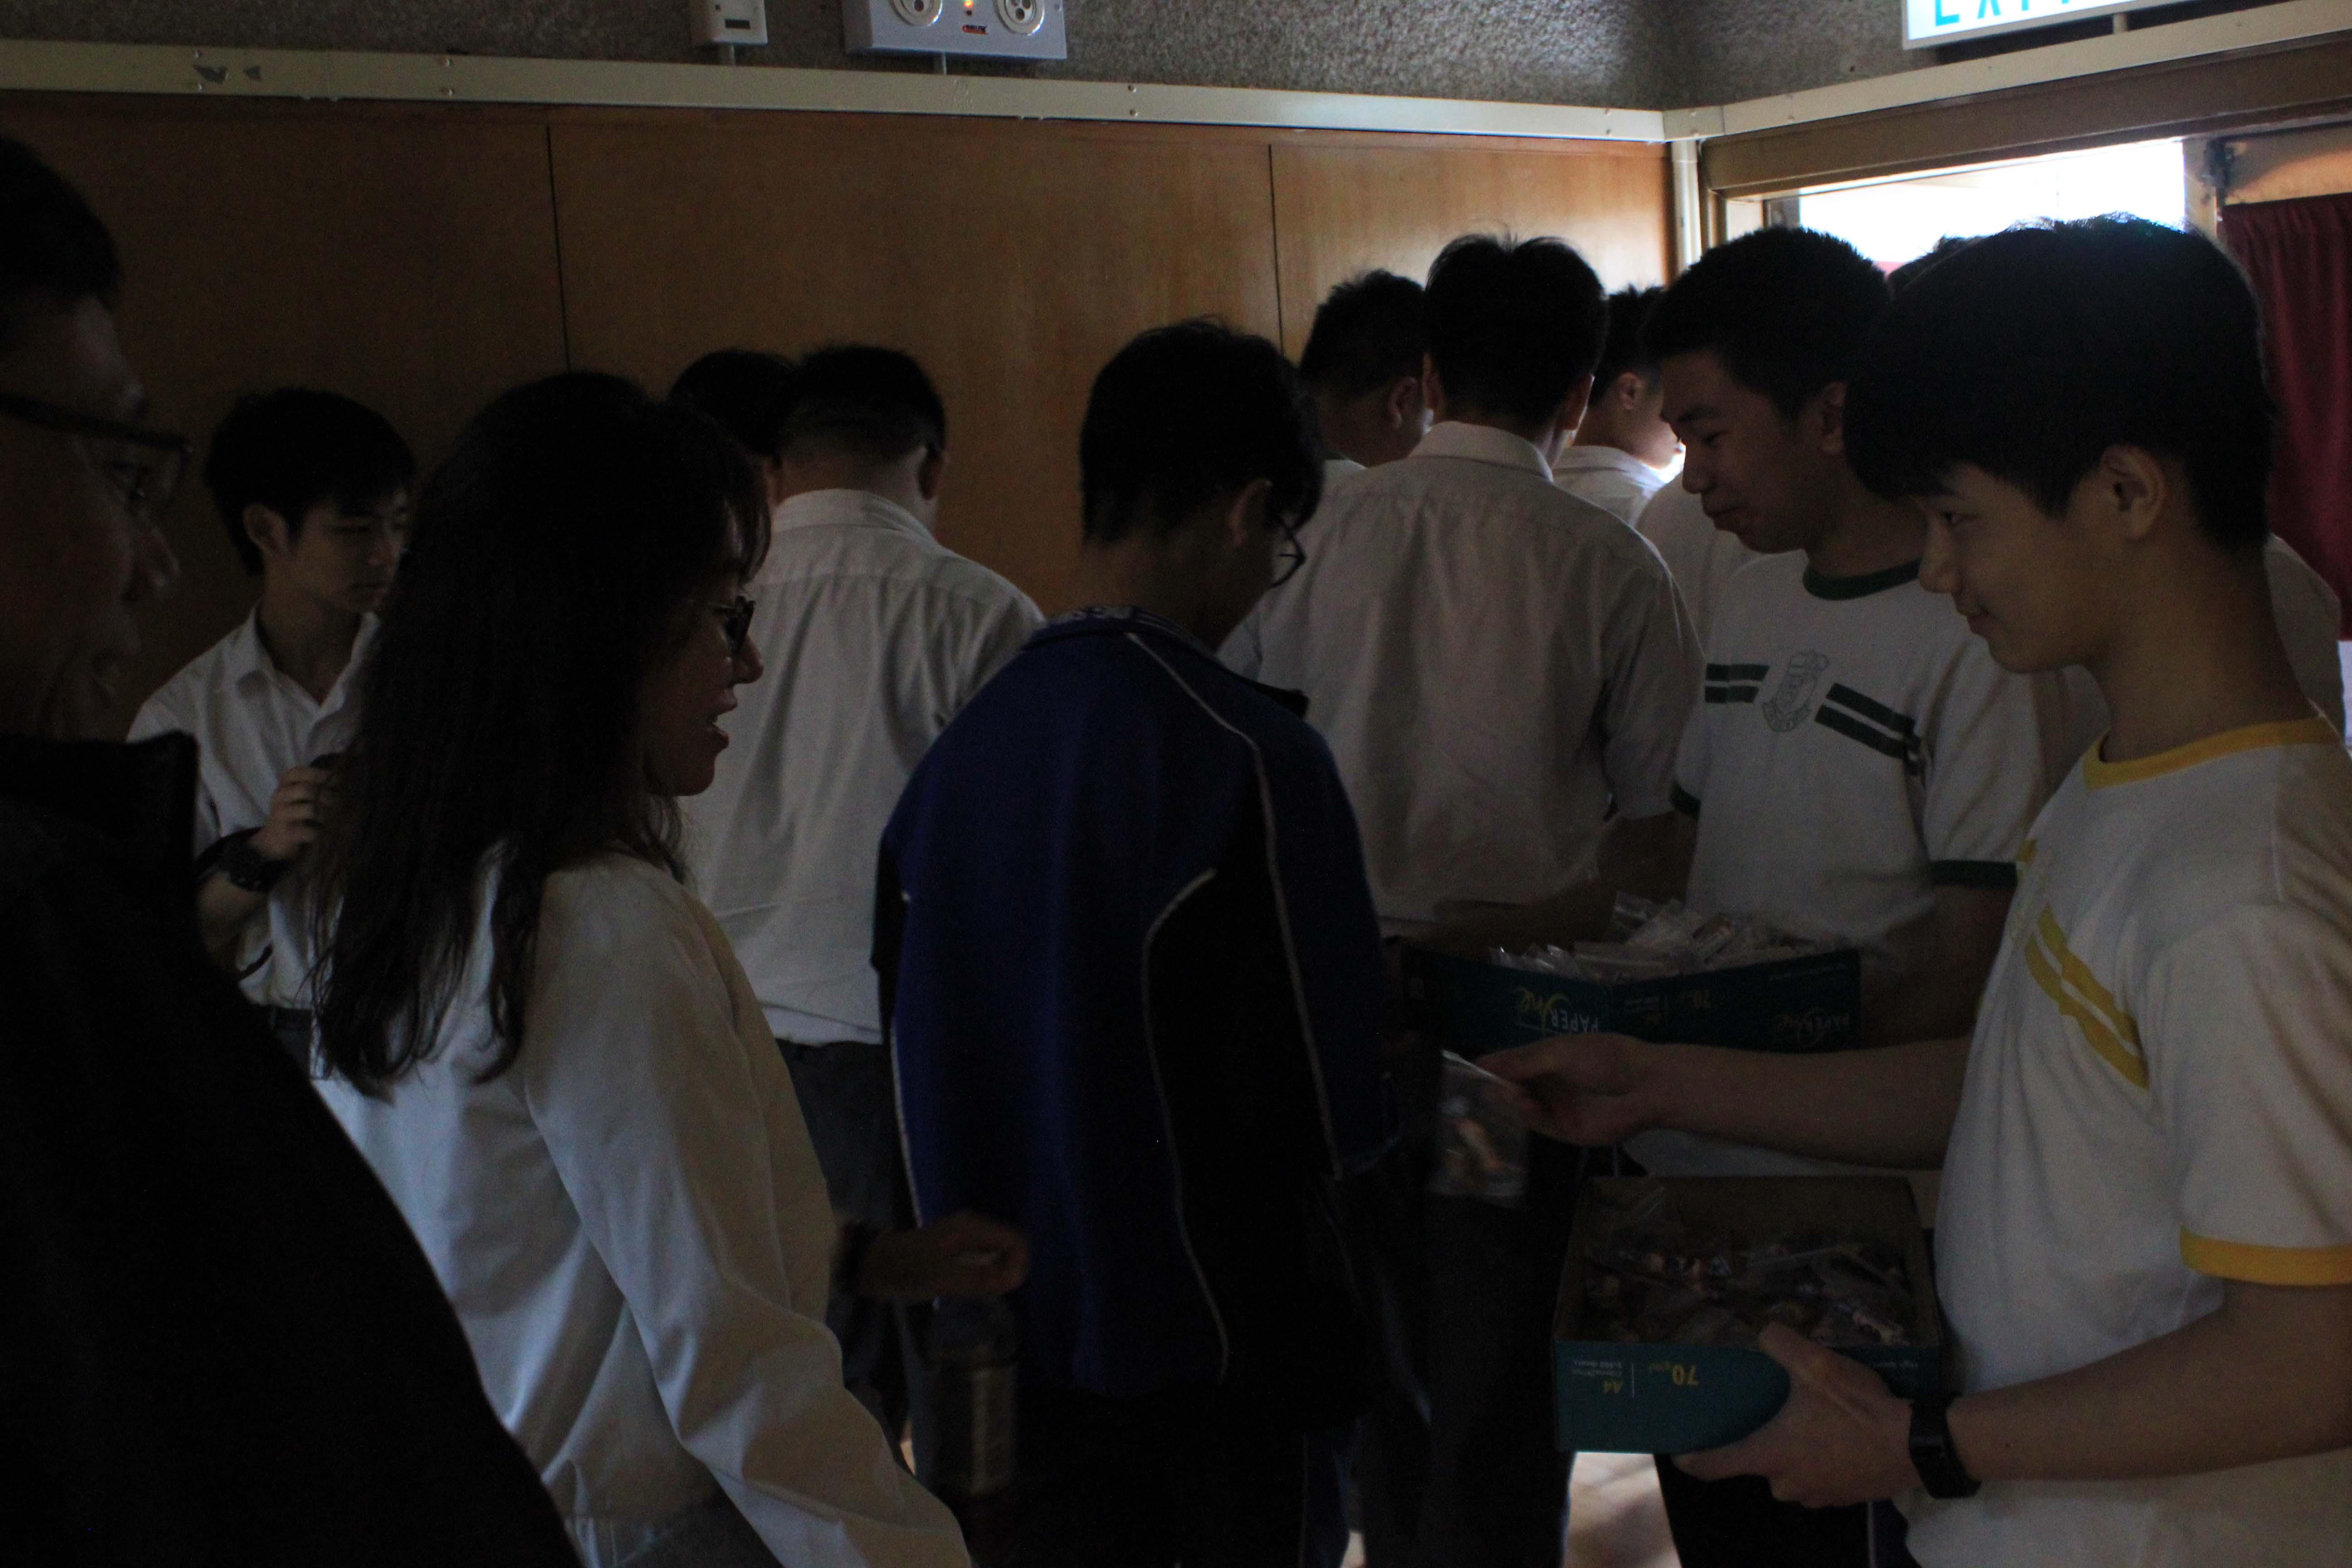 天主教慈幼會伍少梅中學的「中巴經濟走廊」高峰會活動相片11